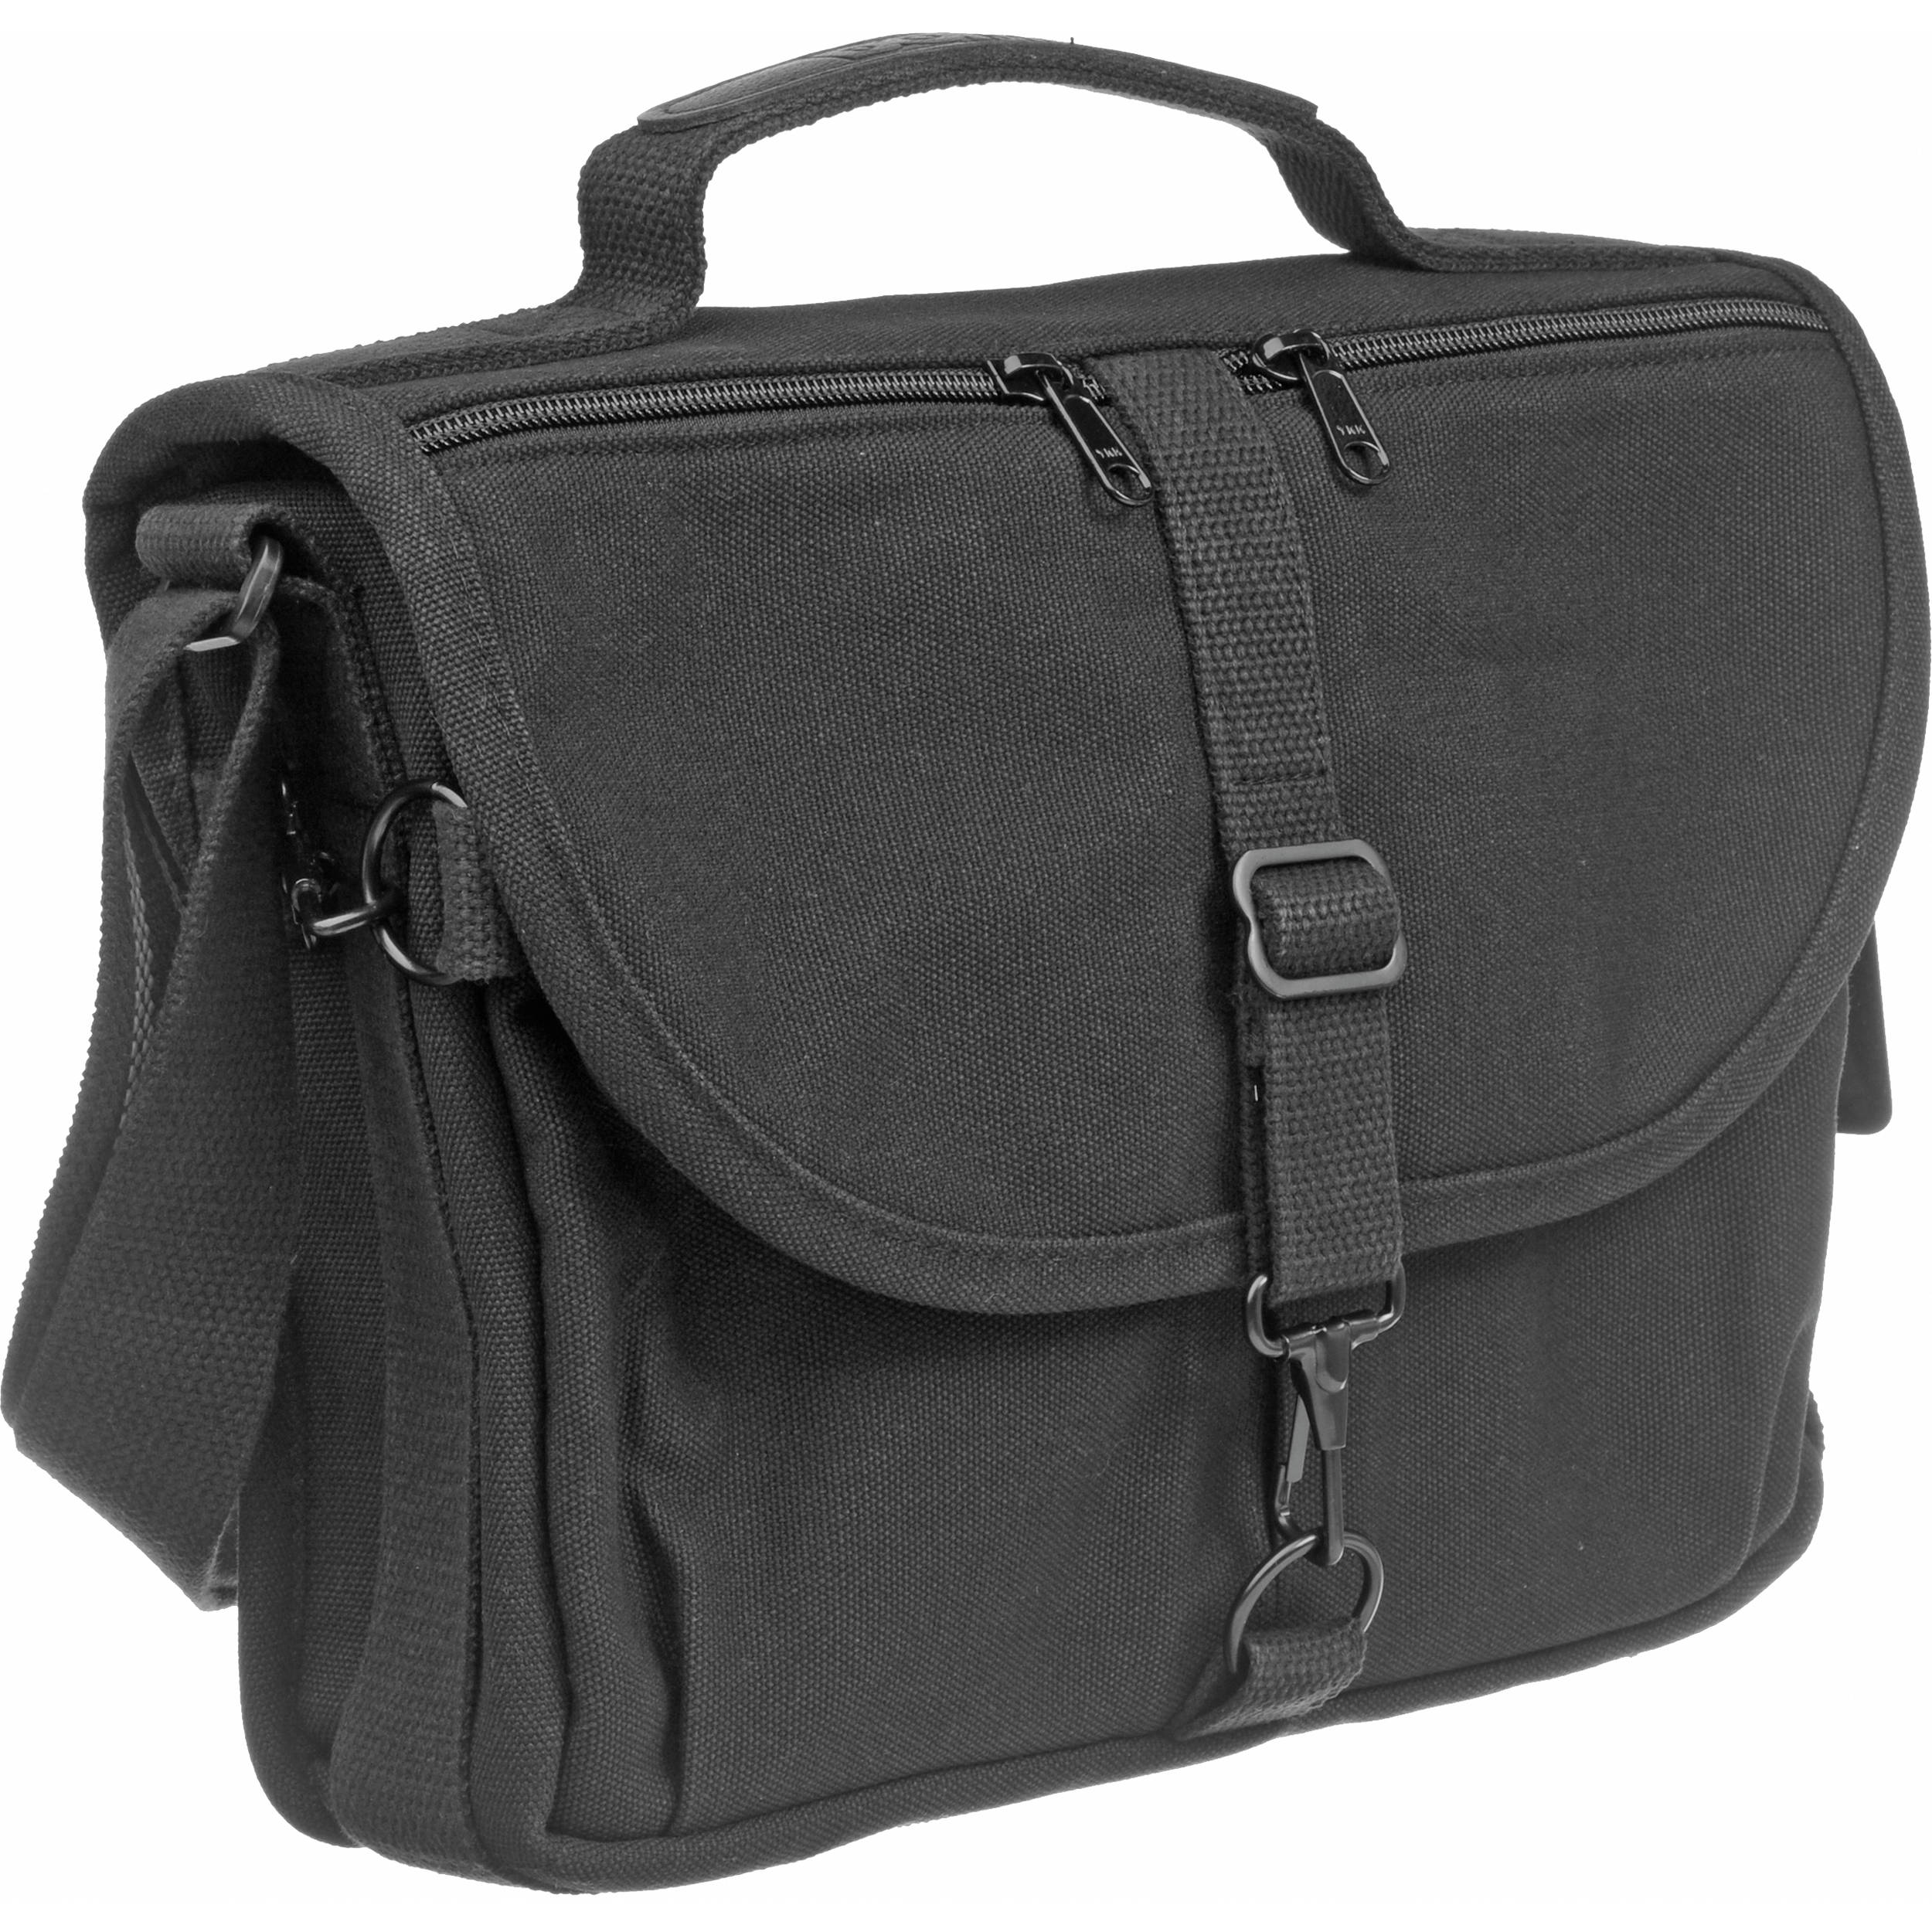 F 803 Camera Satchel Shoulder Bag Black Click Image For Larger Versionnamediagramjpgviews1317size156 Kbid Domke